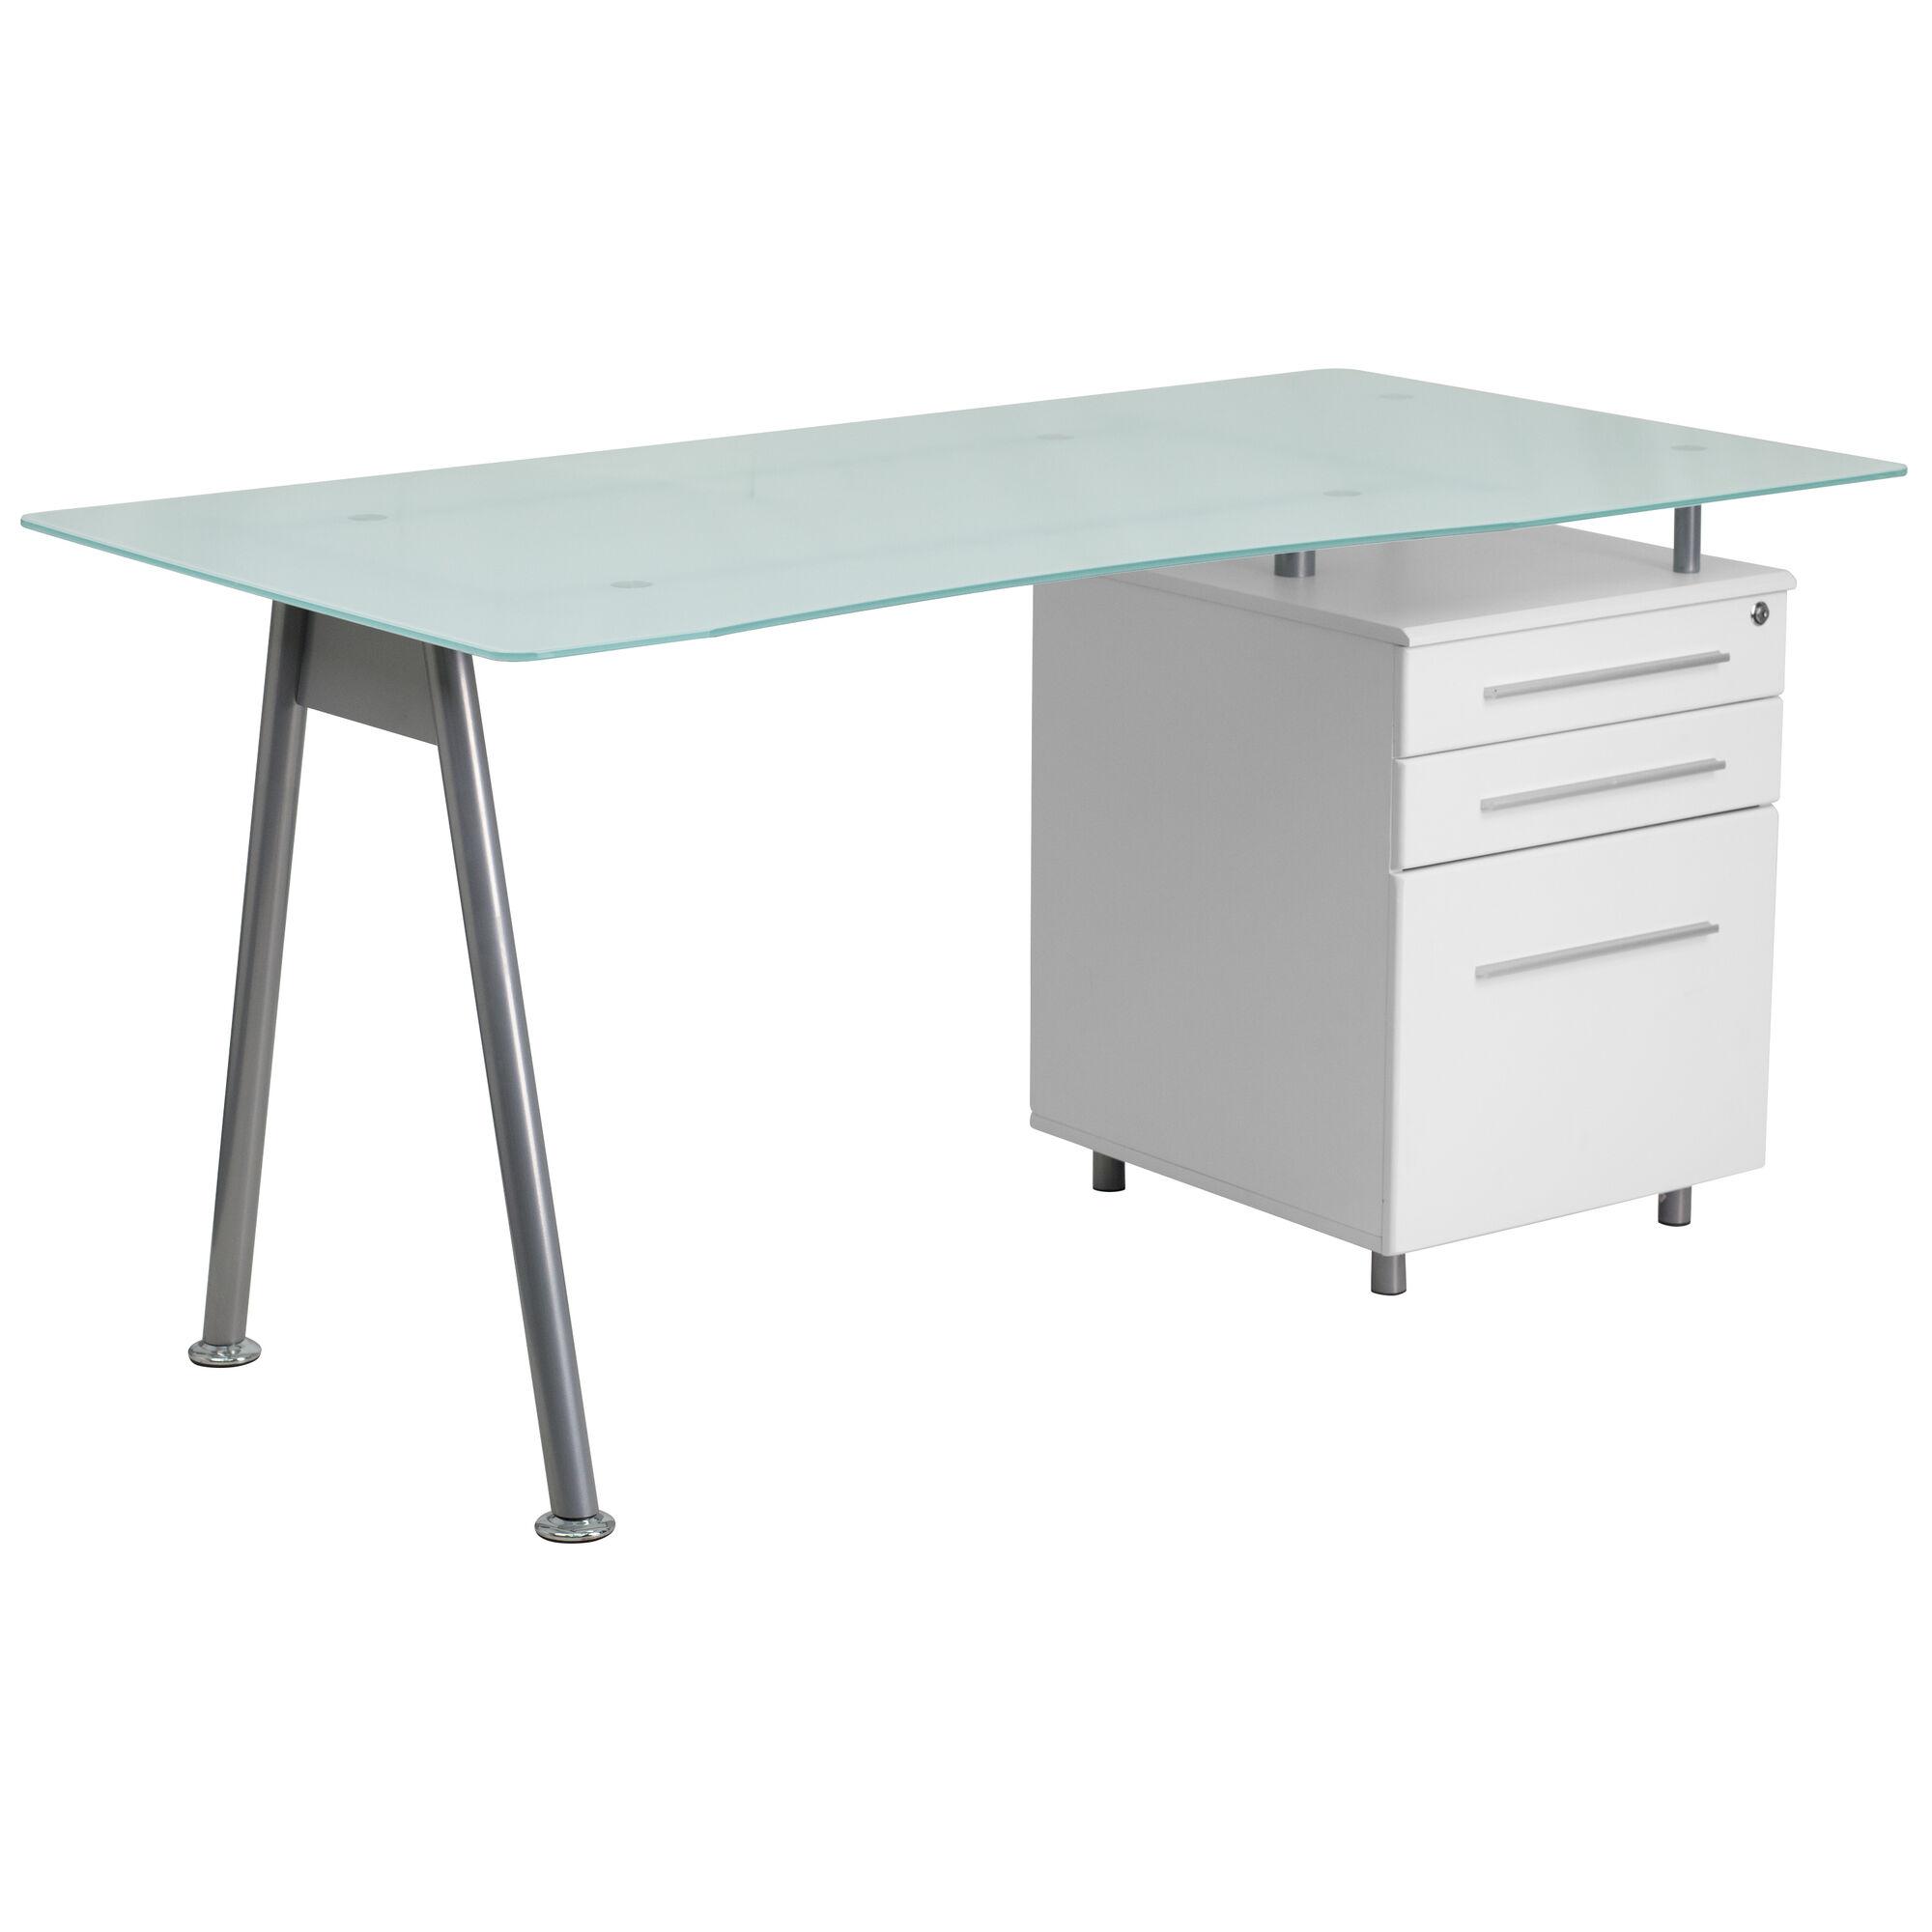 Frosted Glass Top Drawer Desk Nan Wk 021 Gg Bizchair Com